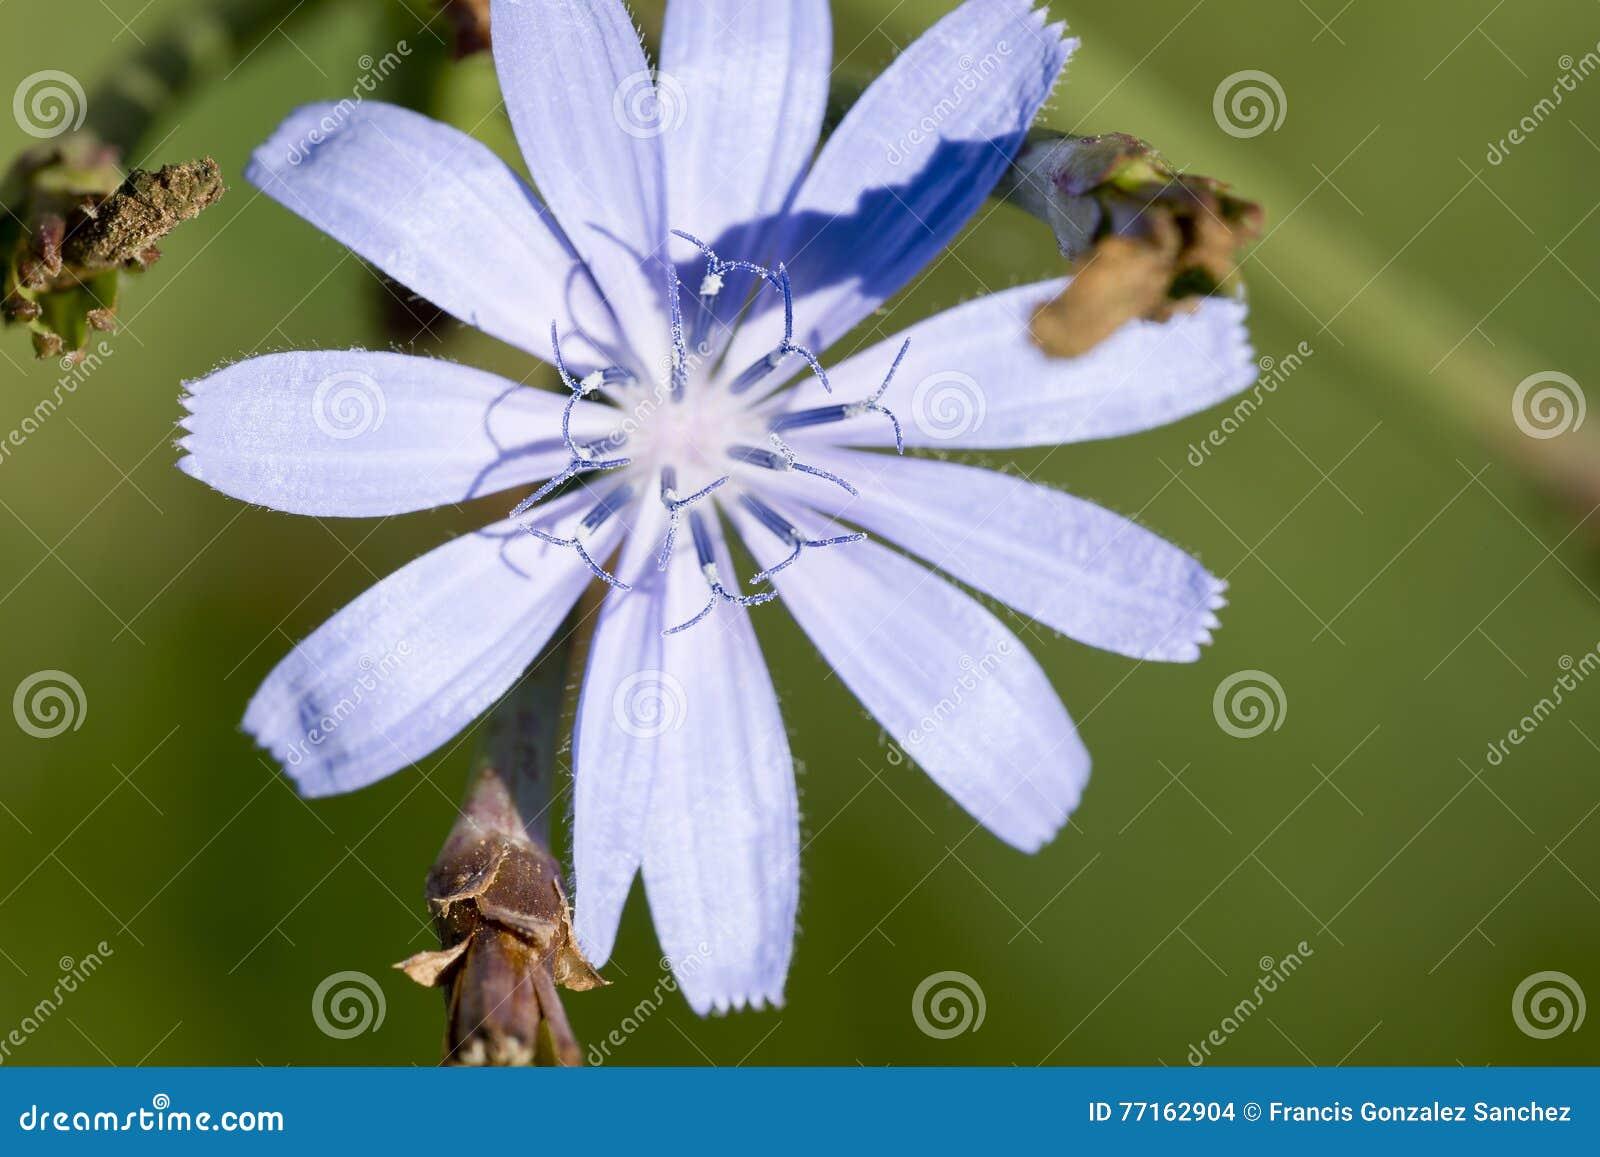 Macro photographie d une fleur